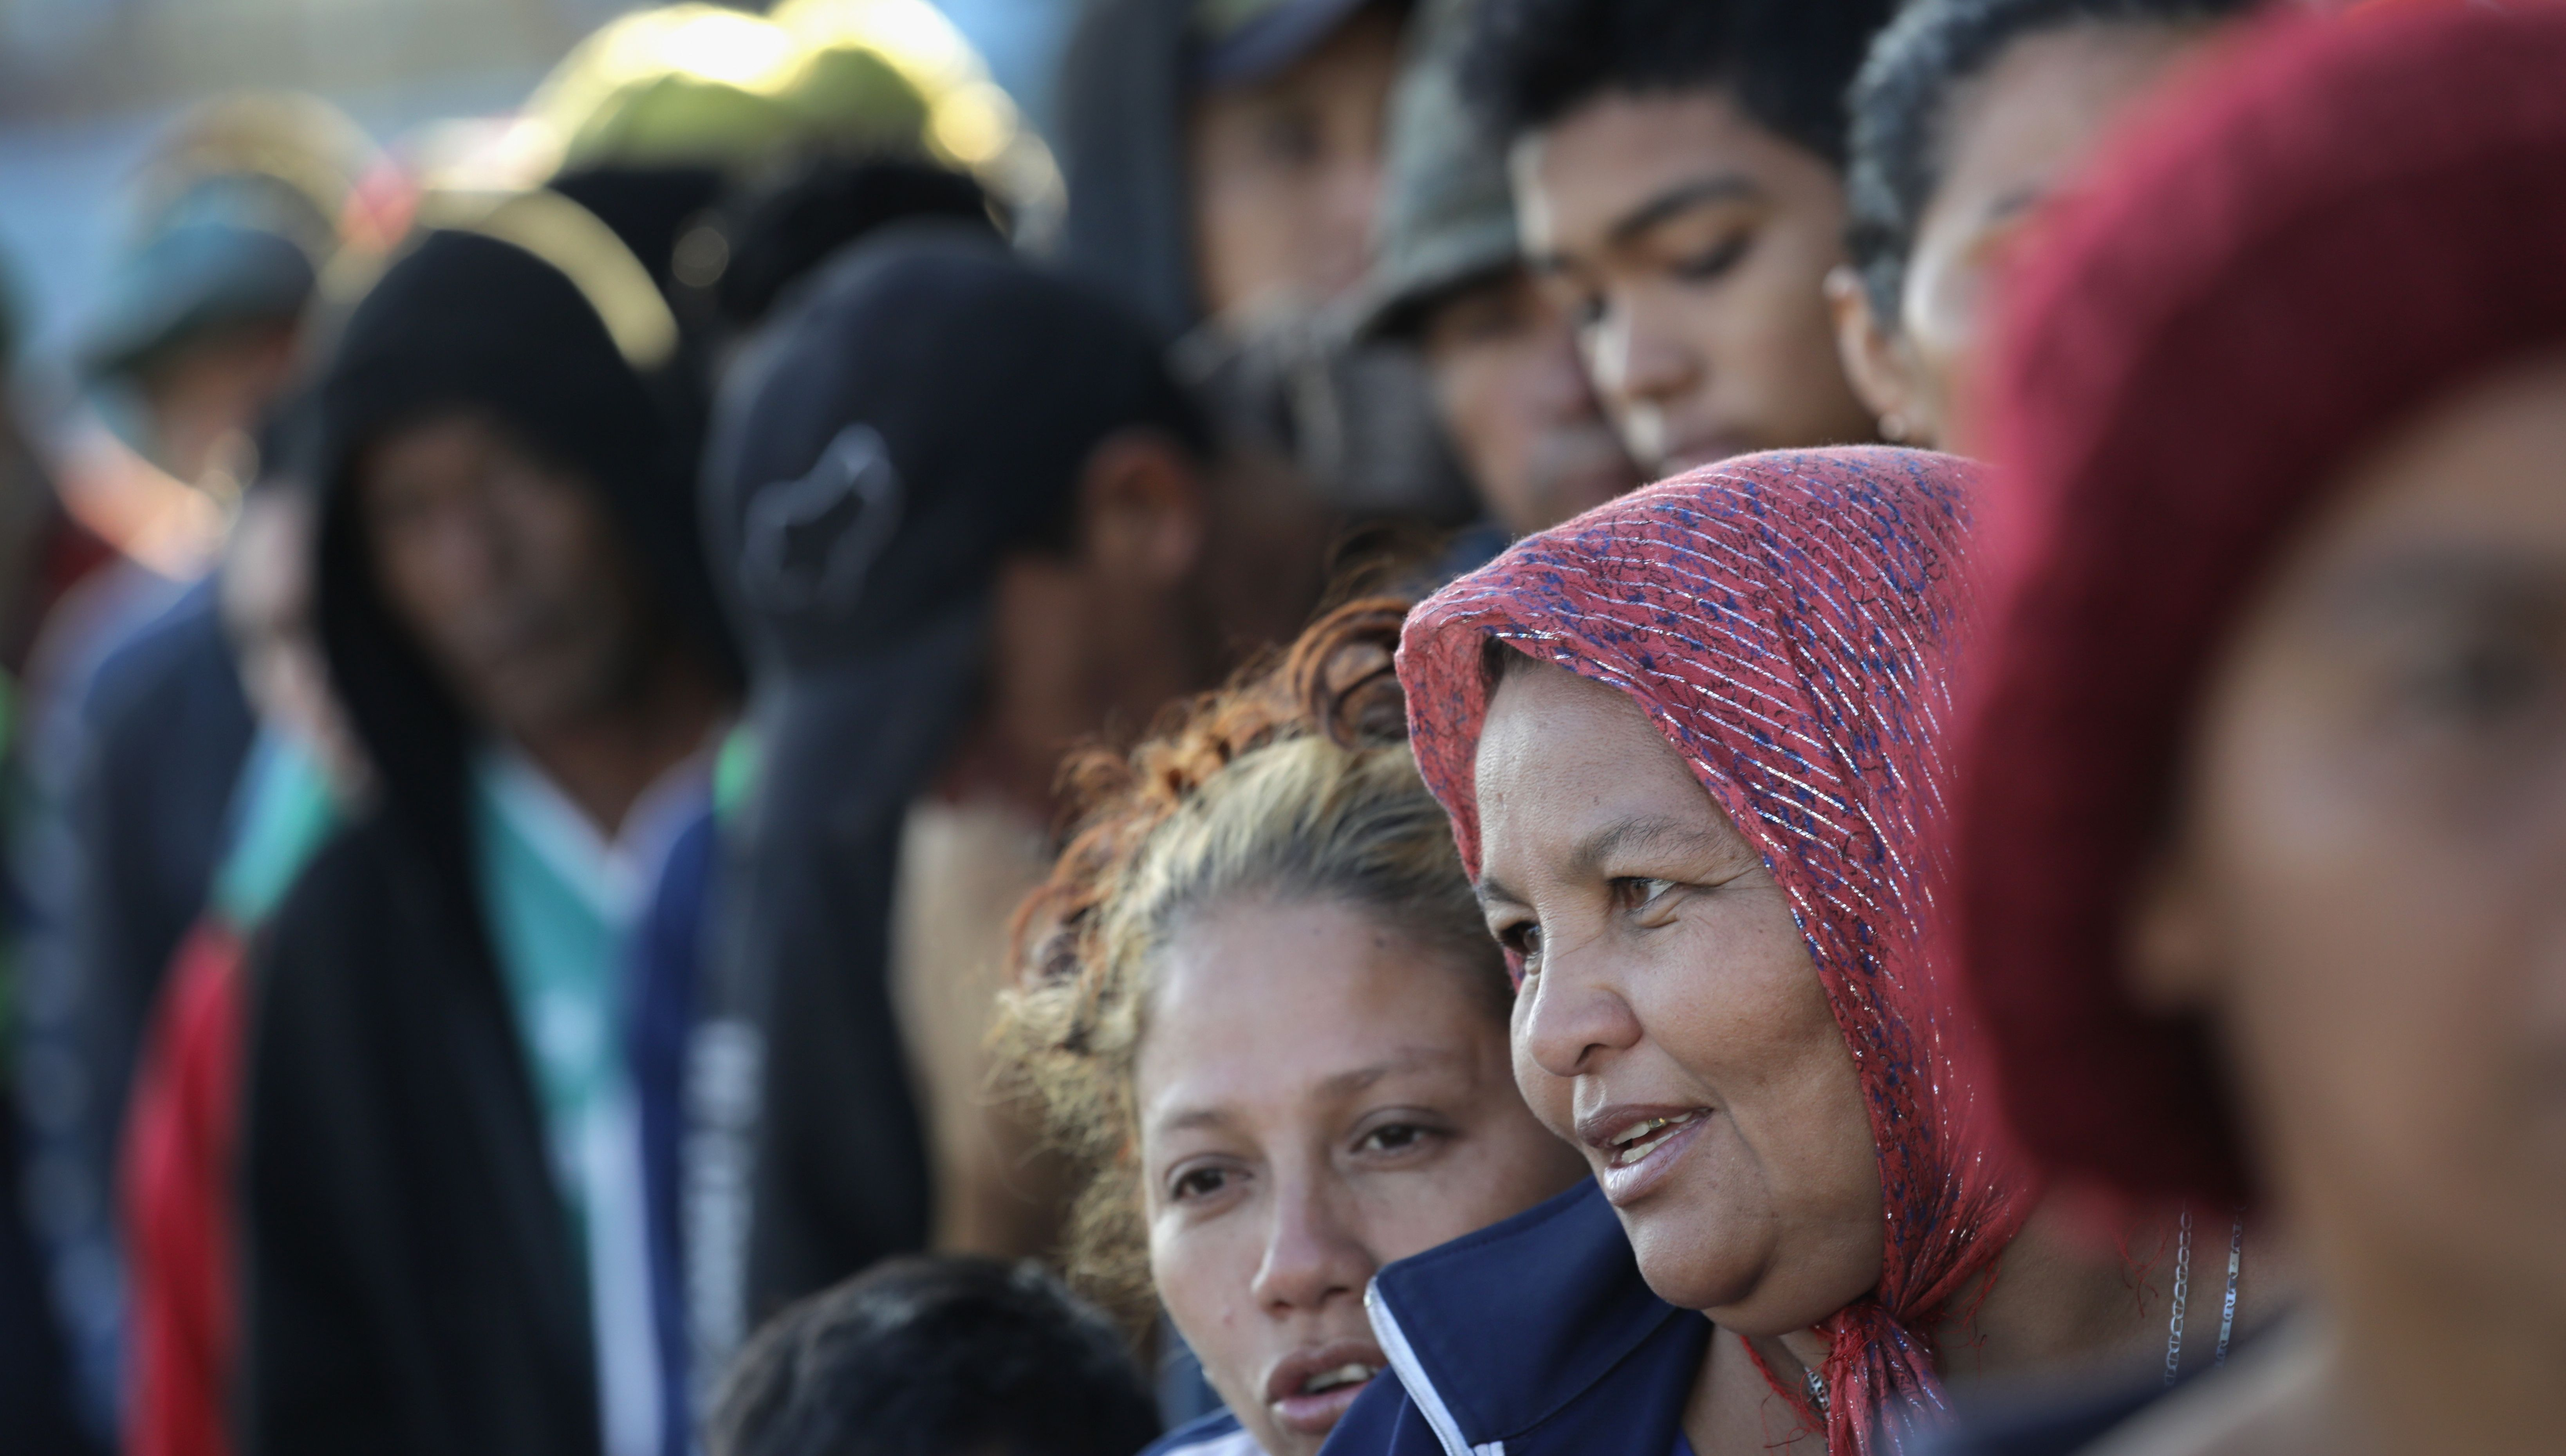 Federal judge blocks Trump's new asylum rules 'He may not